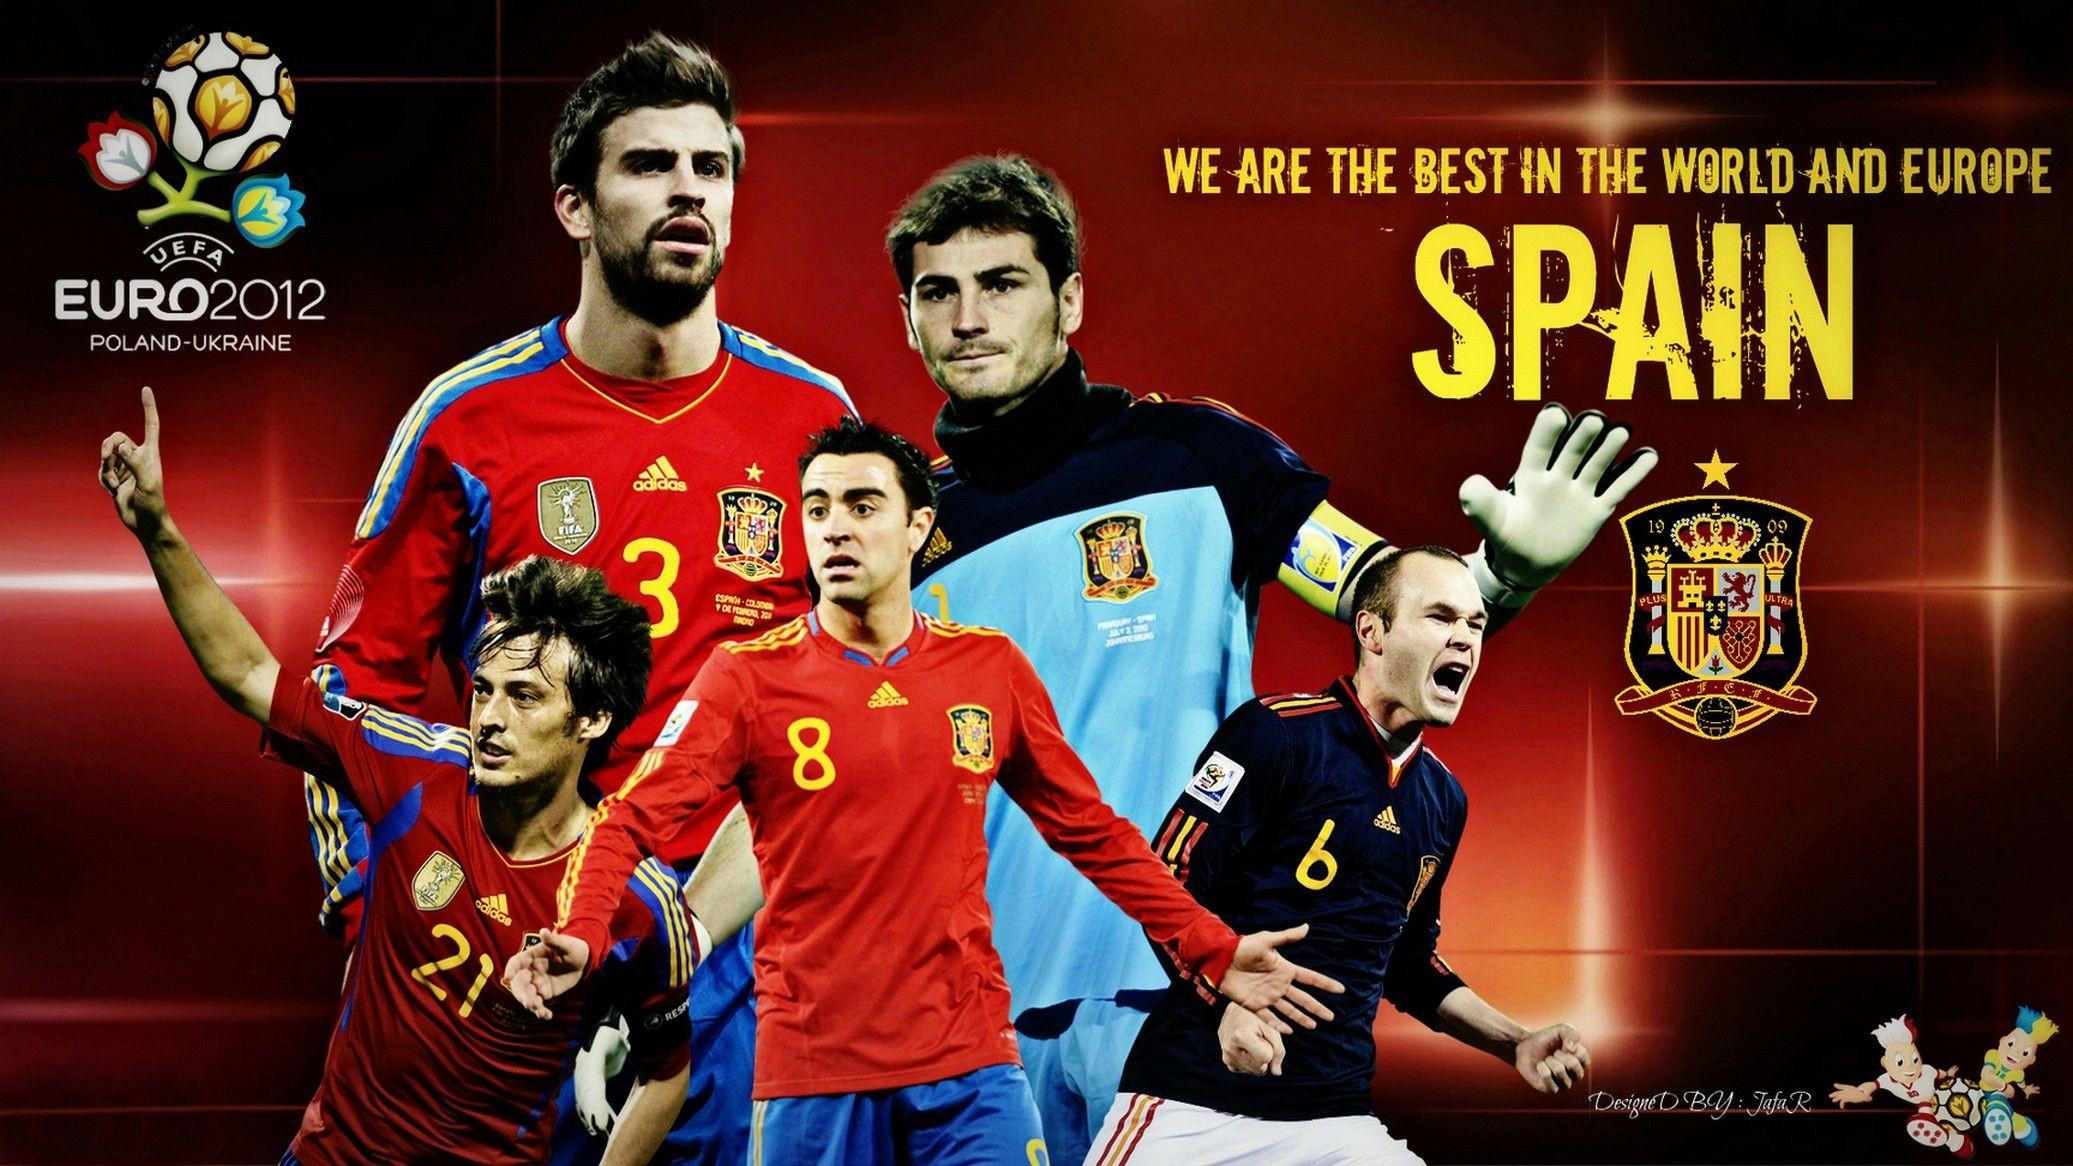 Wallpaper, Images For > Spain Football Logo Wallpaper Spain .